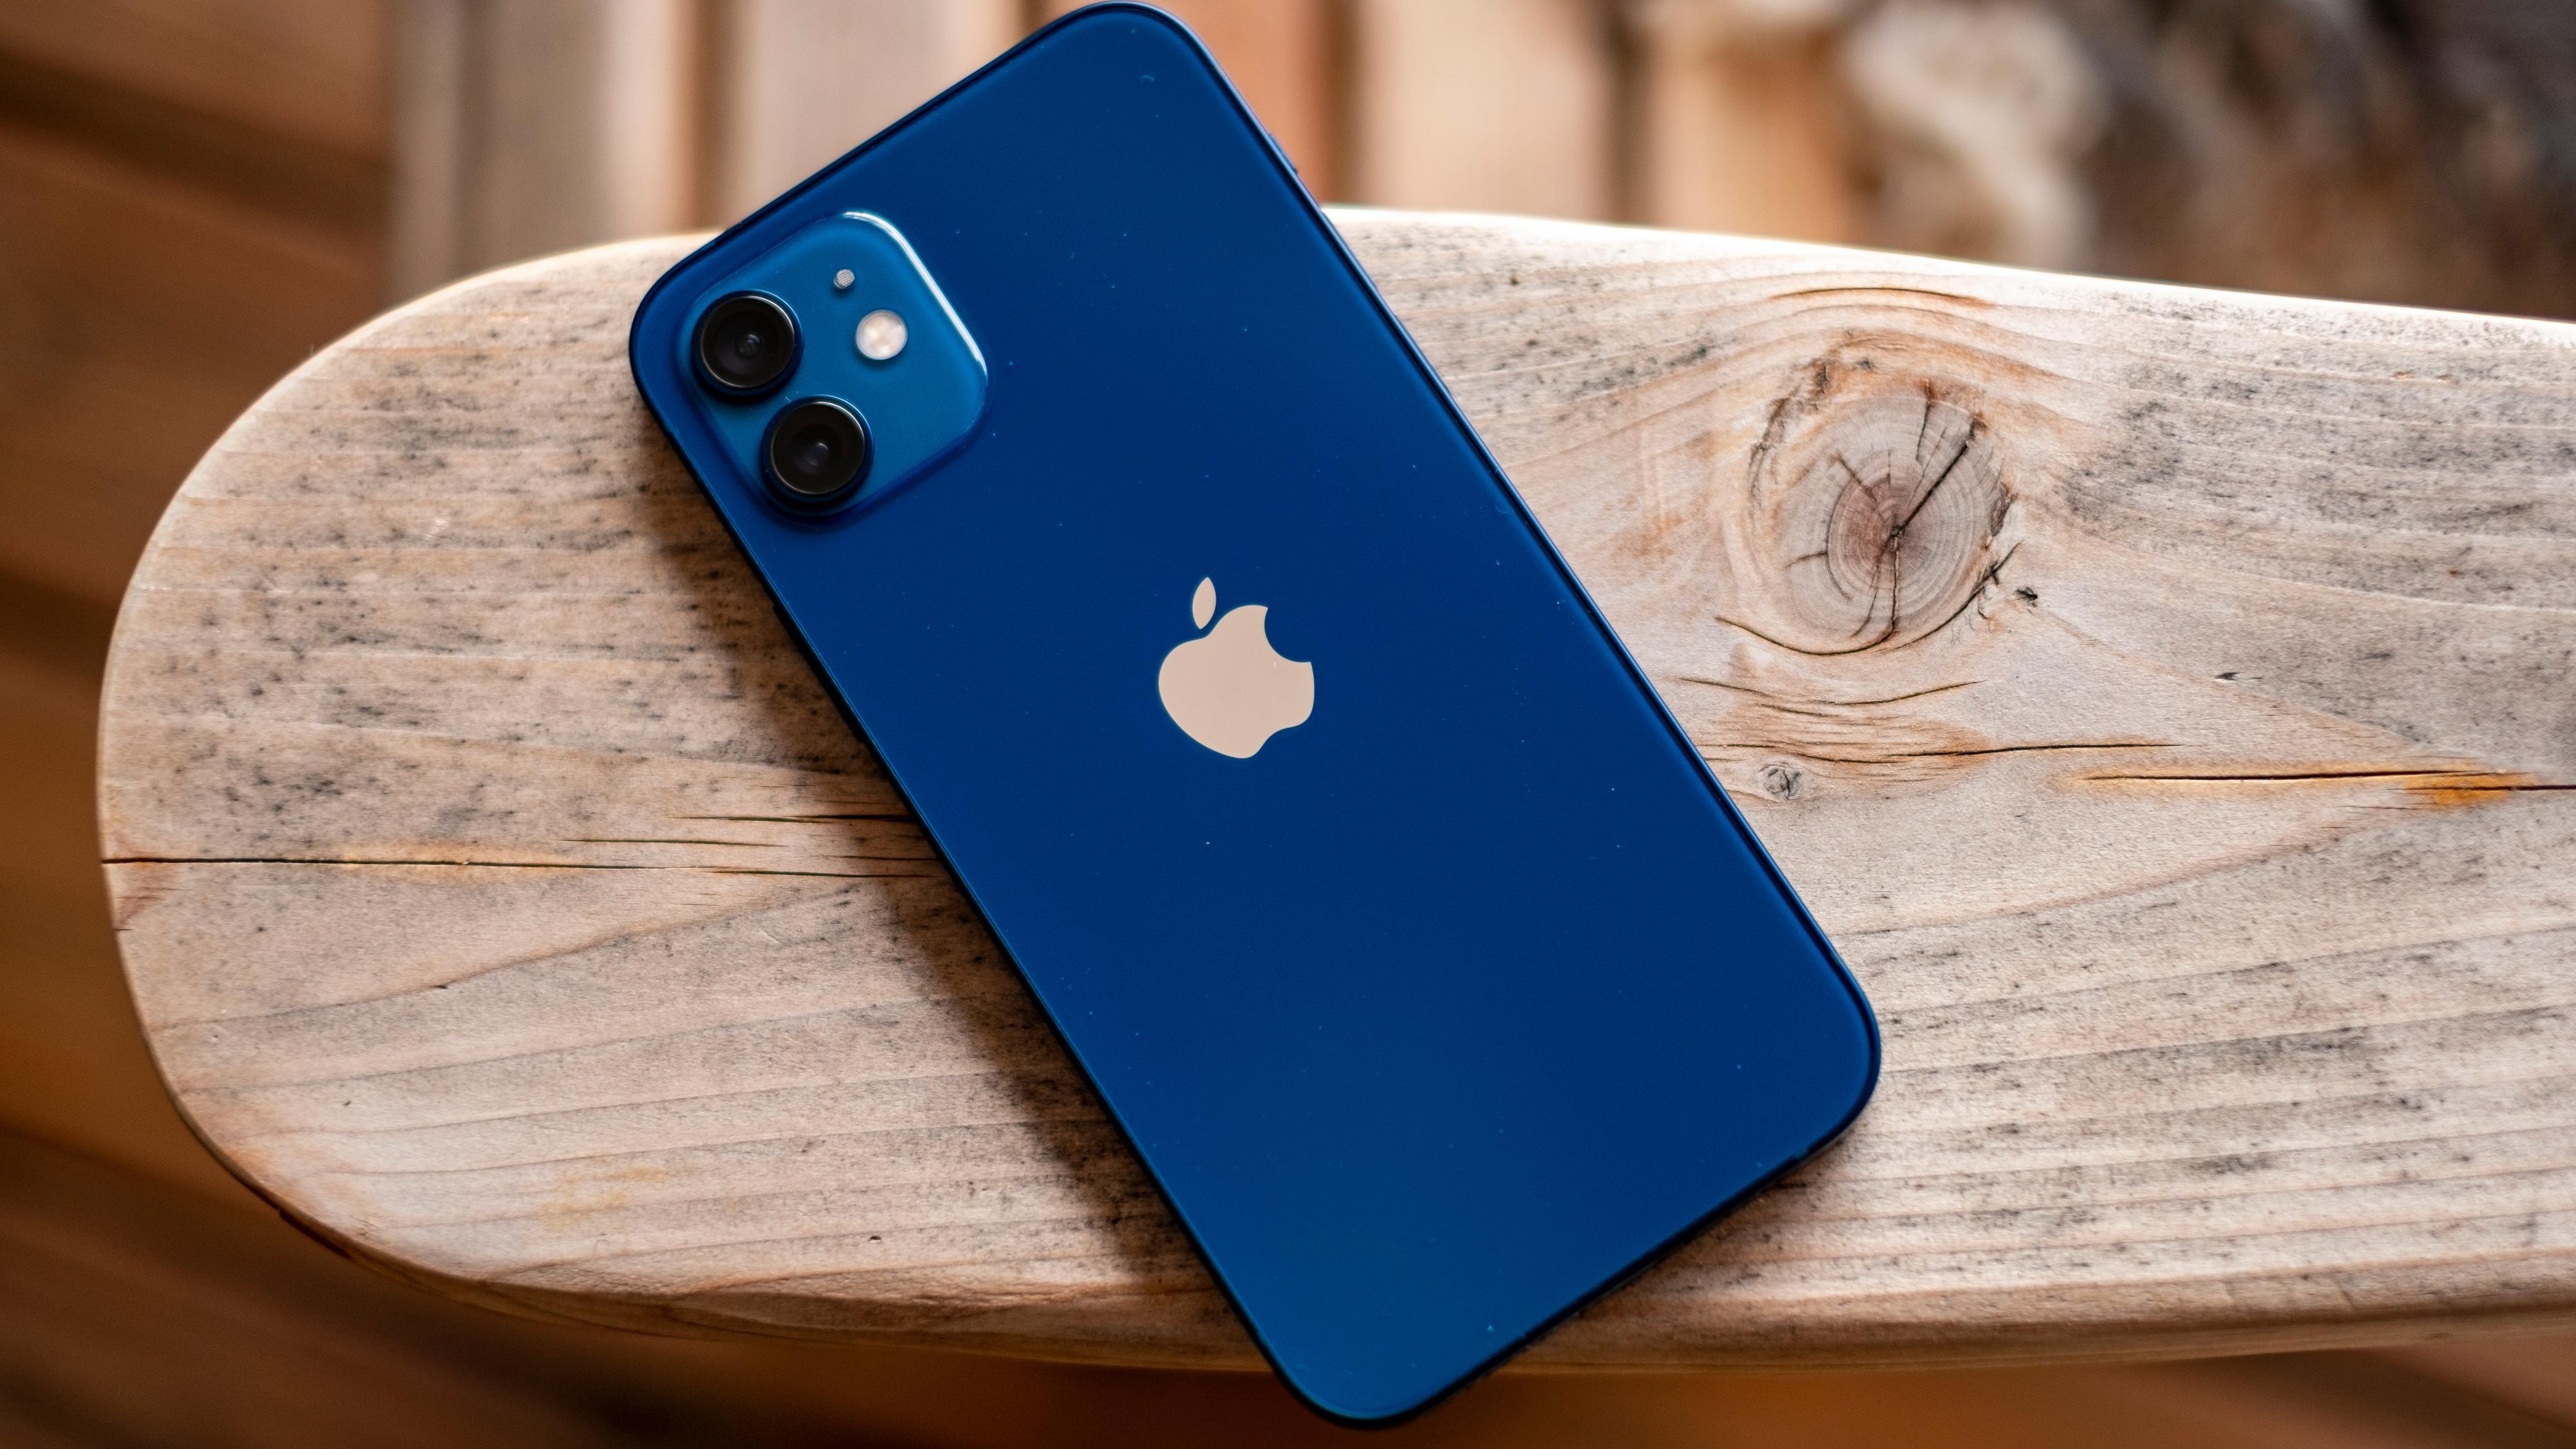 Blått er hott, ifølge Apple. iPhone 12 kommer i en knallvariant av fargen, mens iPhone 12 Pro kommer i en mer marineblå utførelse som grenser mot sjøgrønn.